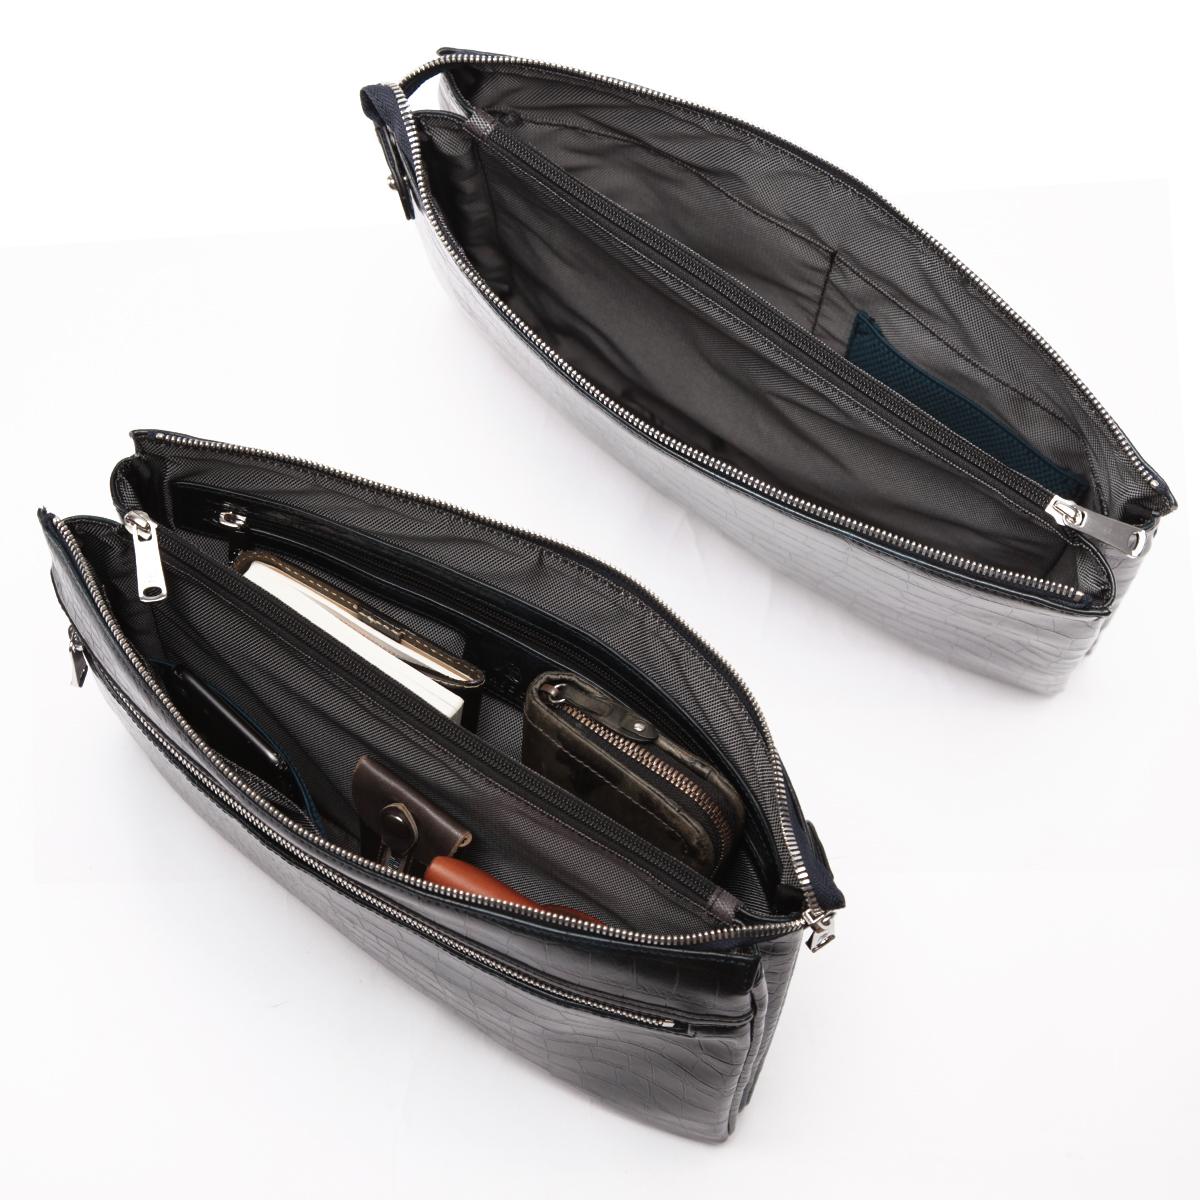 クラッチバック メンズ クロコ型押し合皮 LUX RA22-104